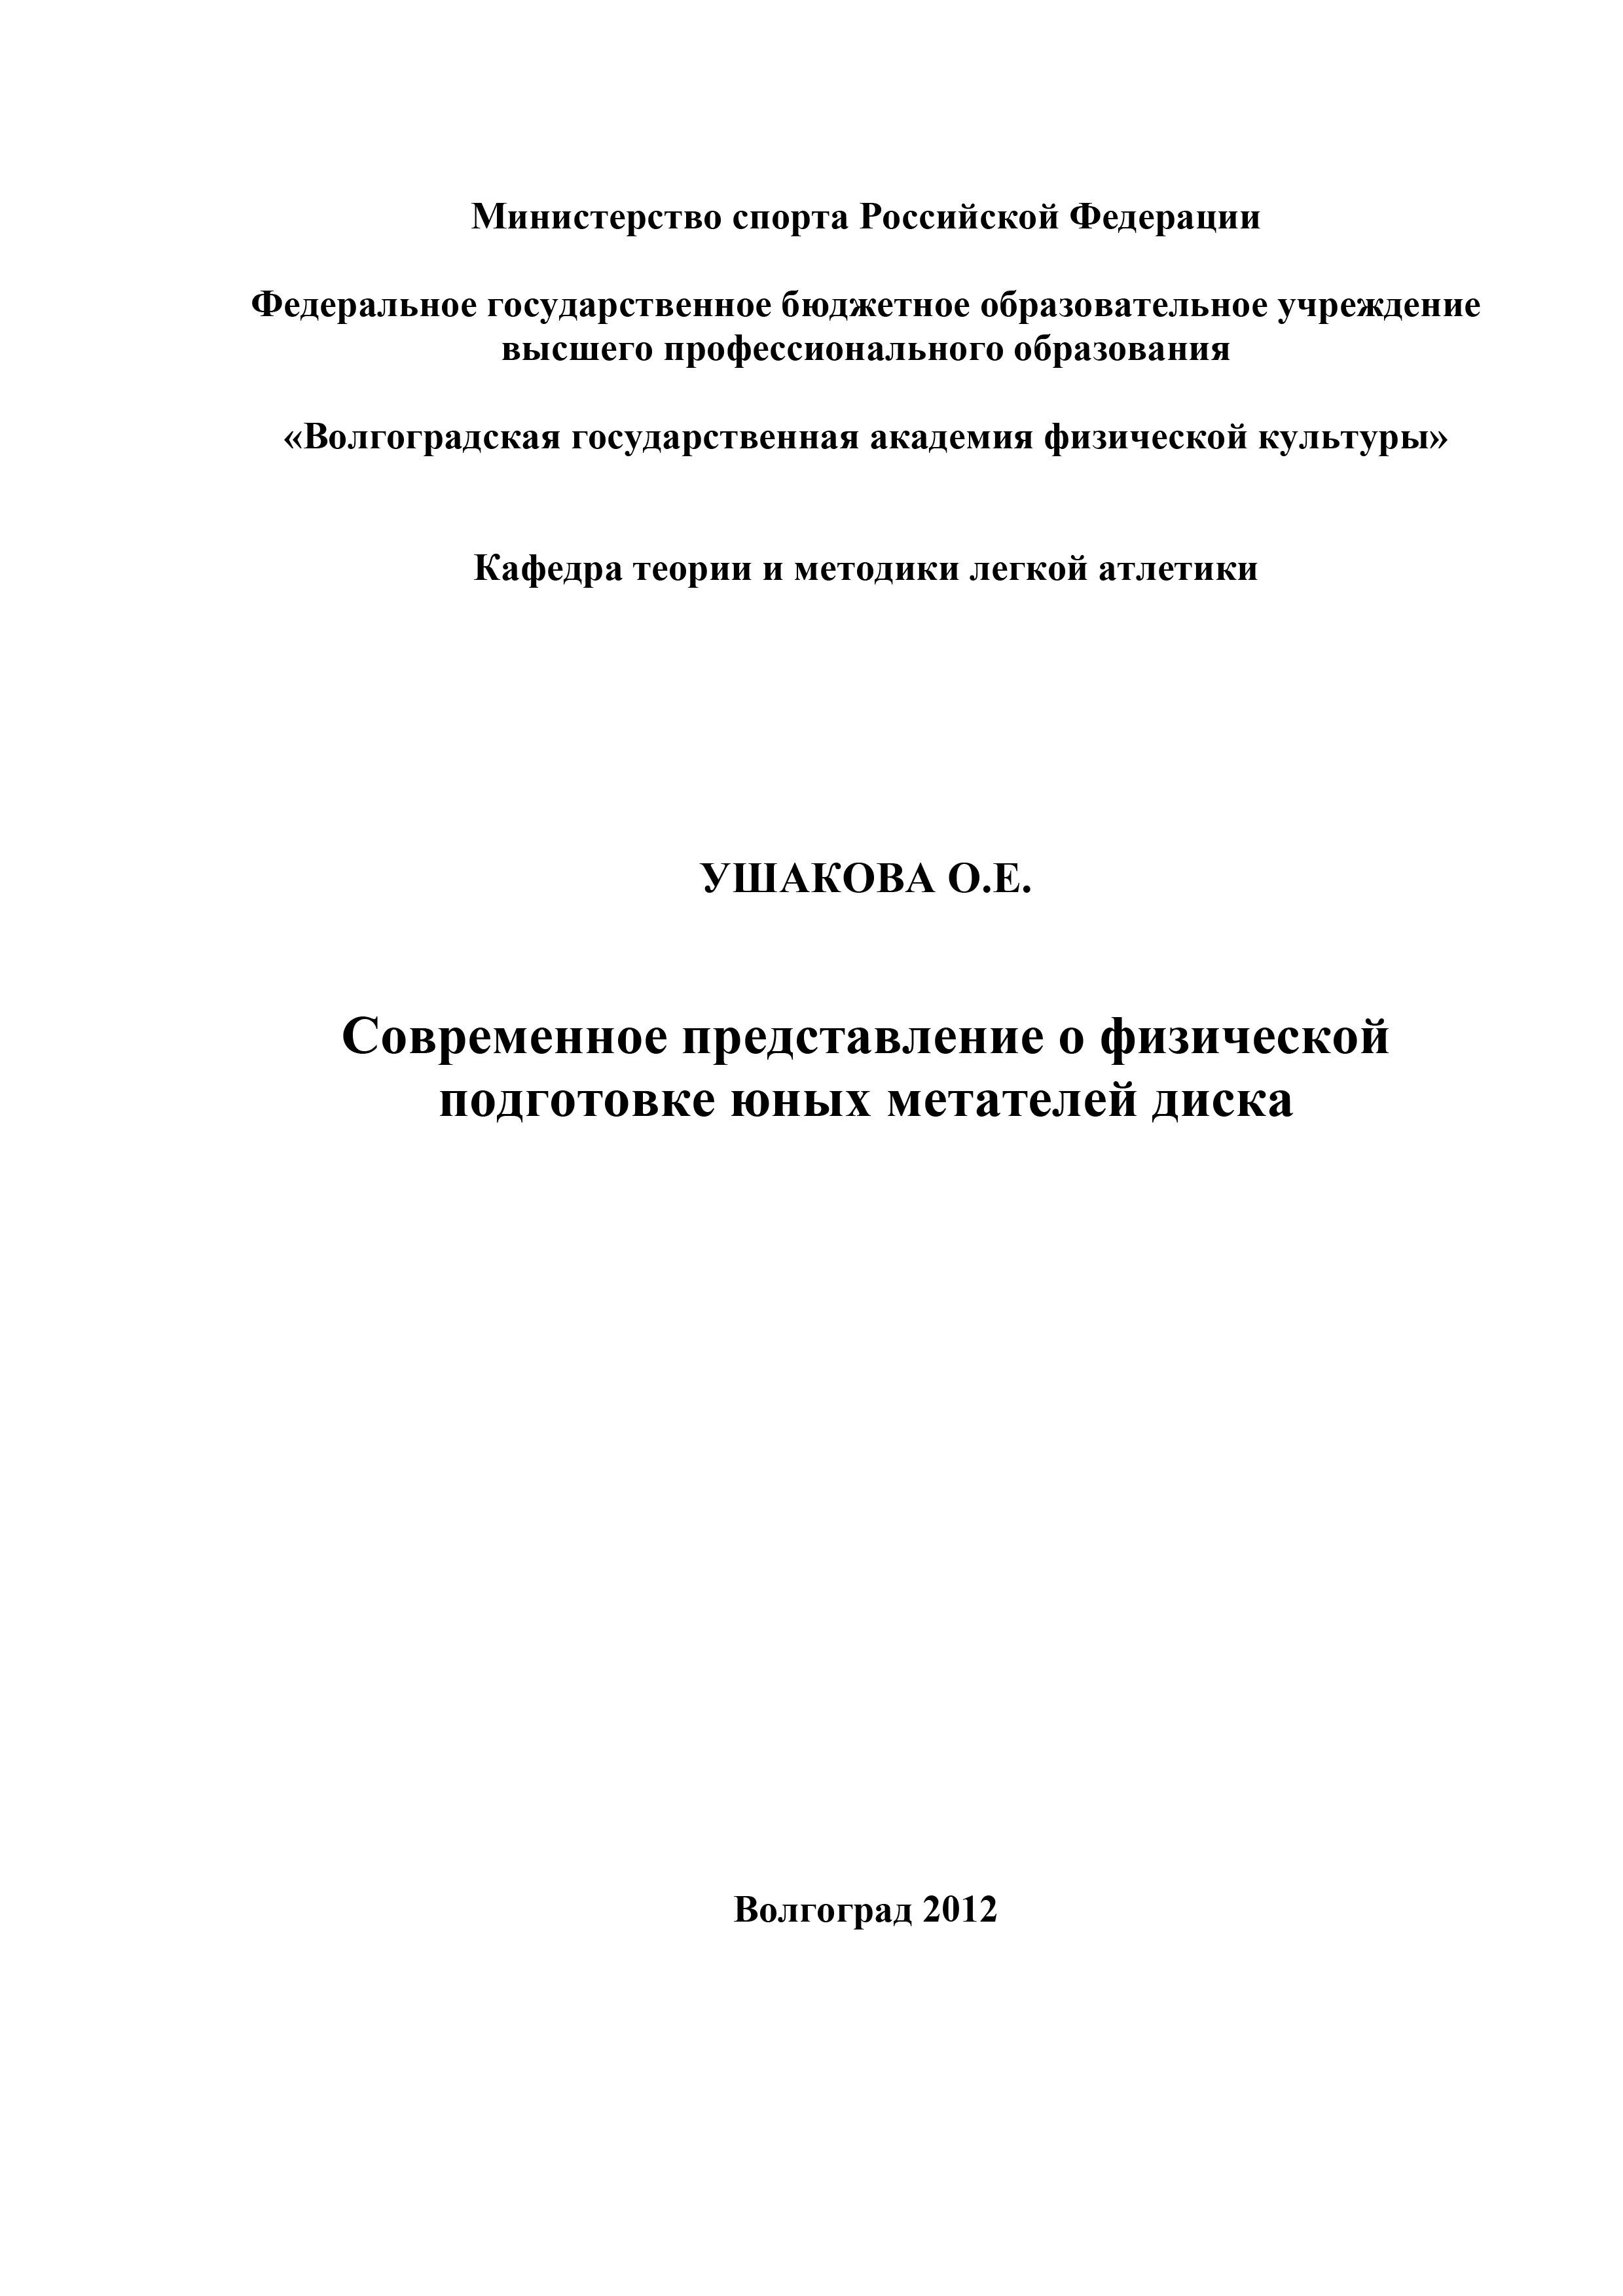 О. Е. Ушакова Современное представление о физической подготовке юных метателей диска